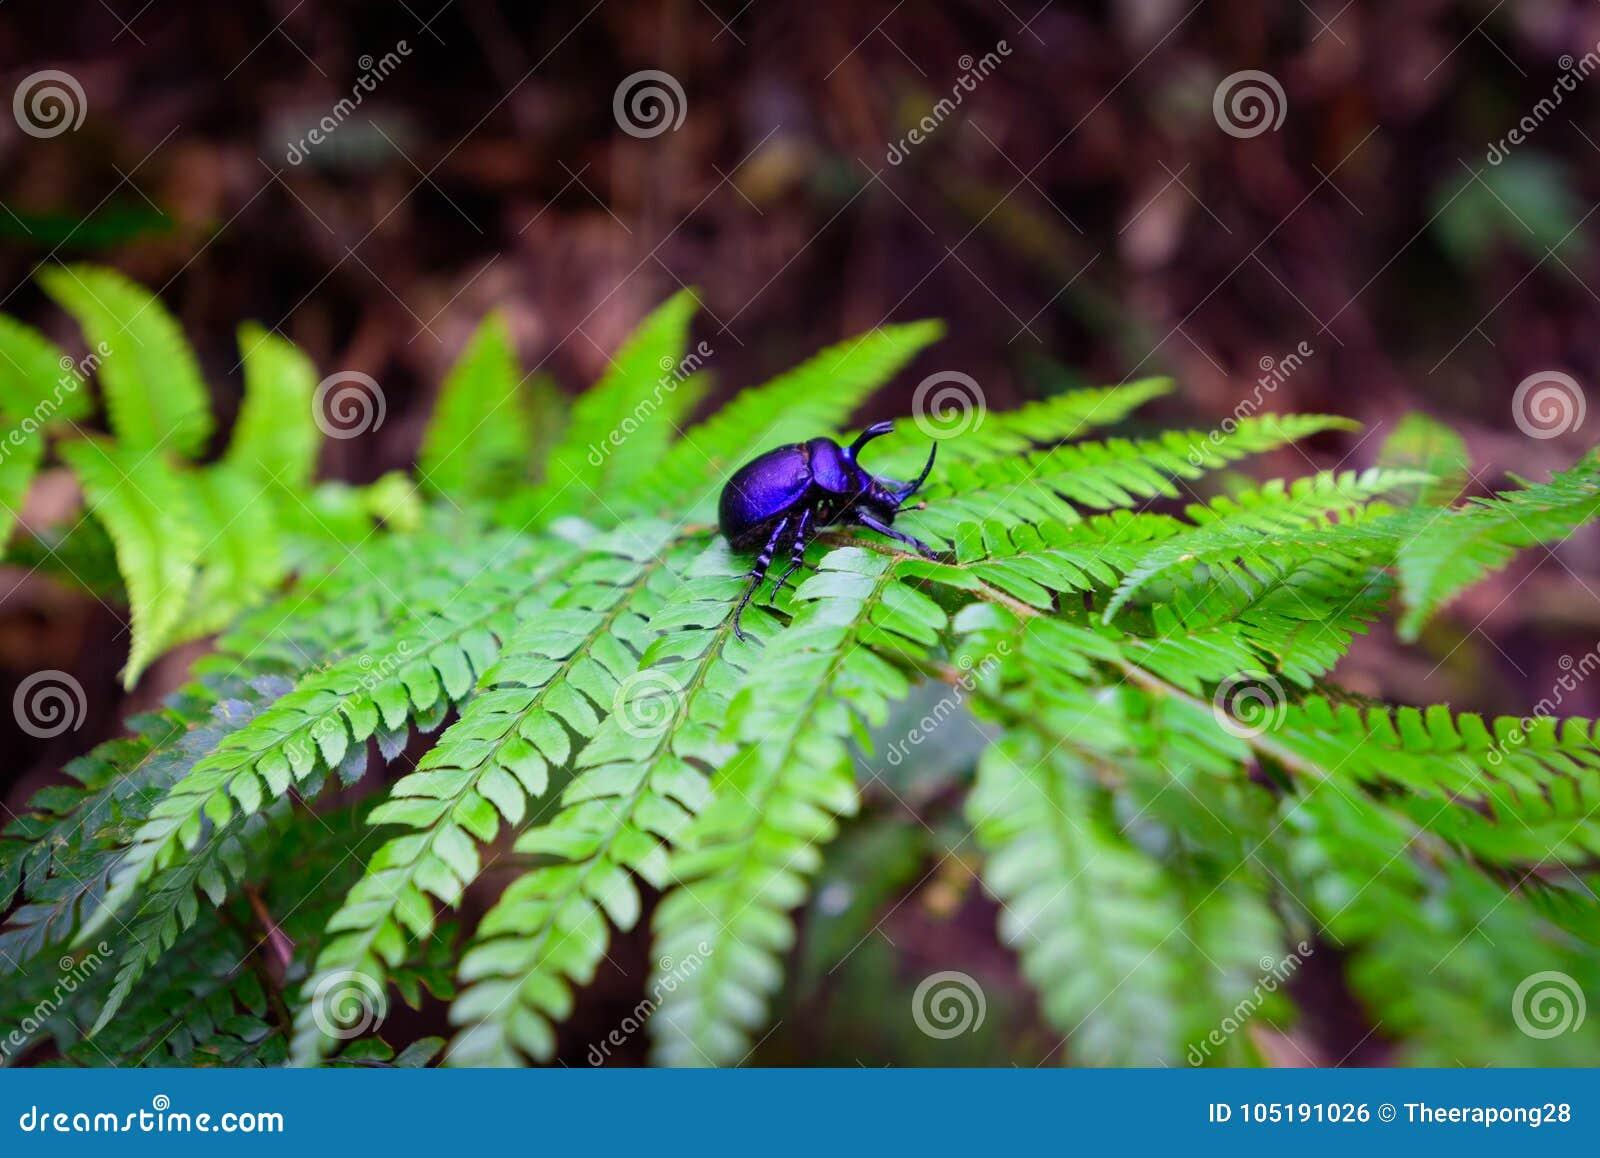 Escarabajo De Rinoceronte - Los Artrópodos En Helecho Hojean En ...